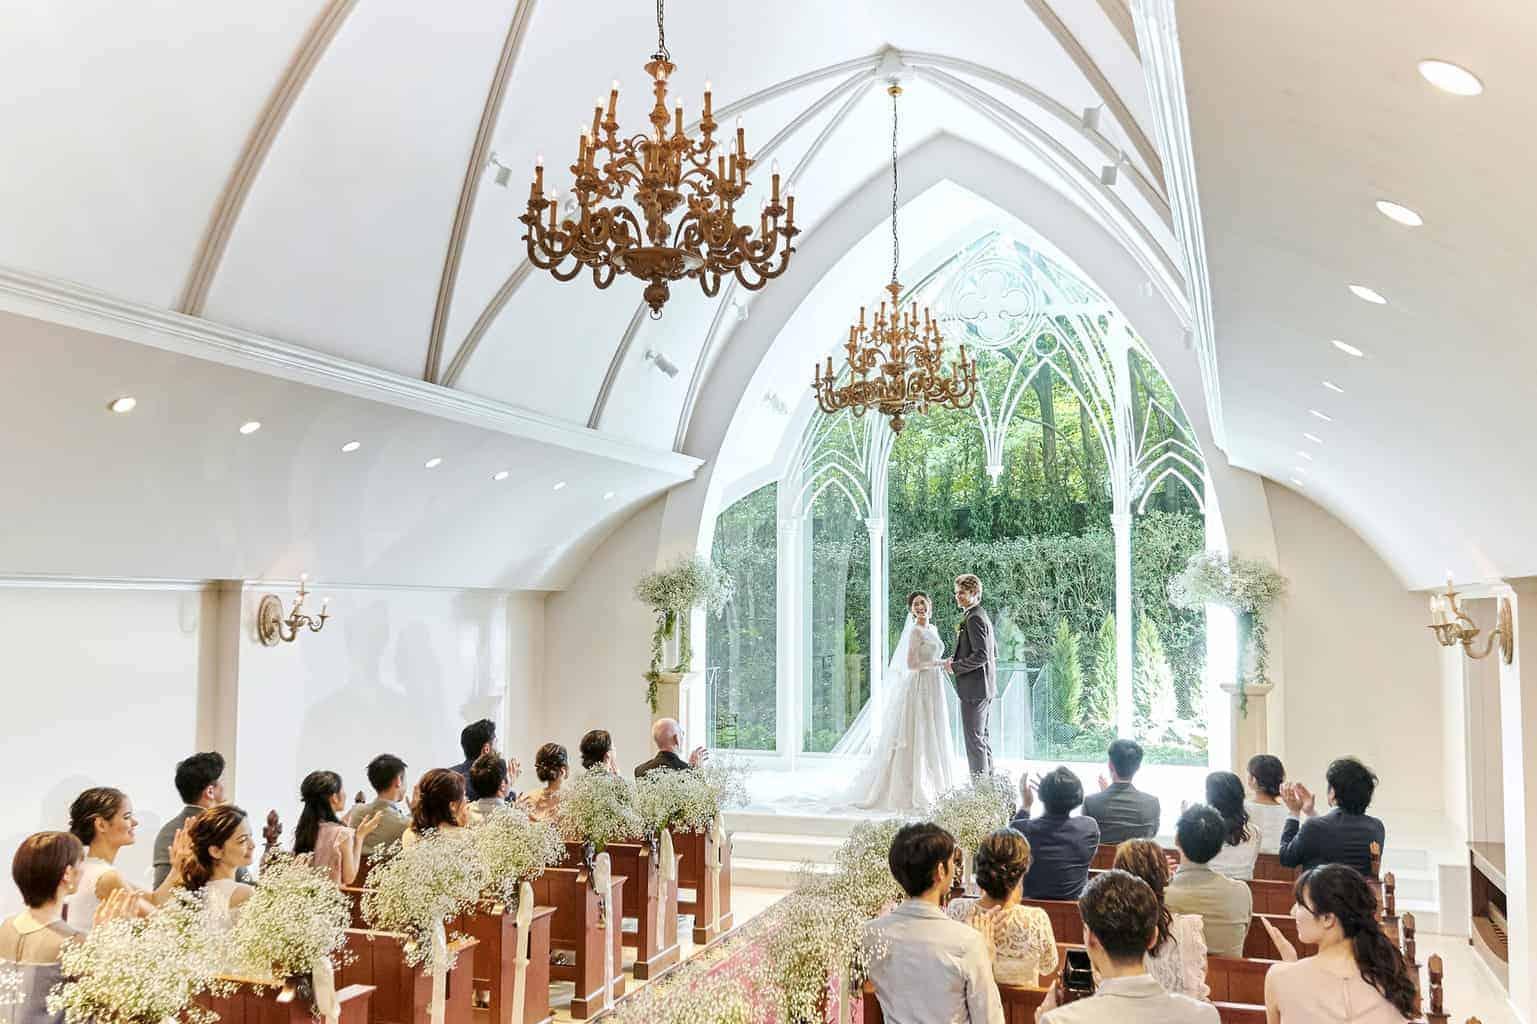 【名古屋】バンケットからの眺望がGood!な結婚式場10選♡のカバー写真 0.6662329212752115